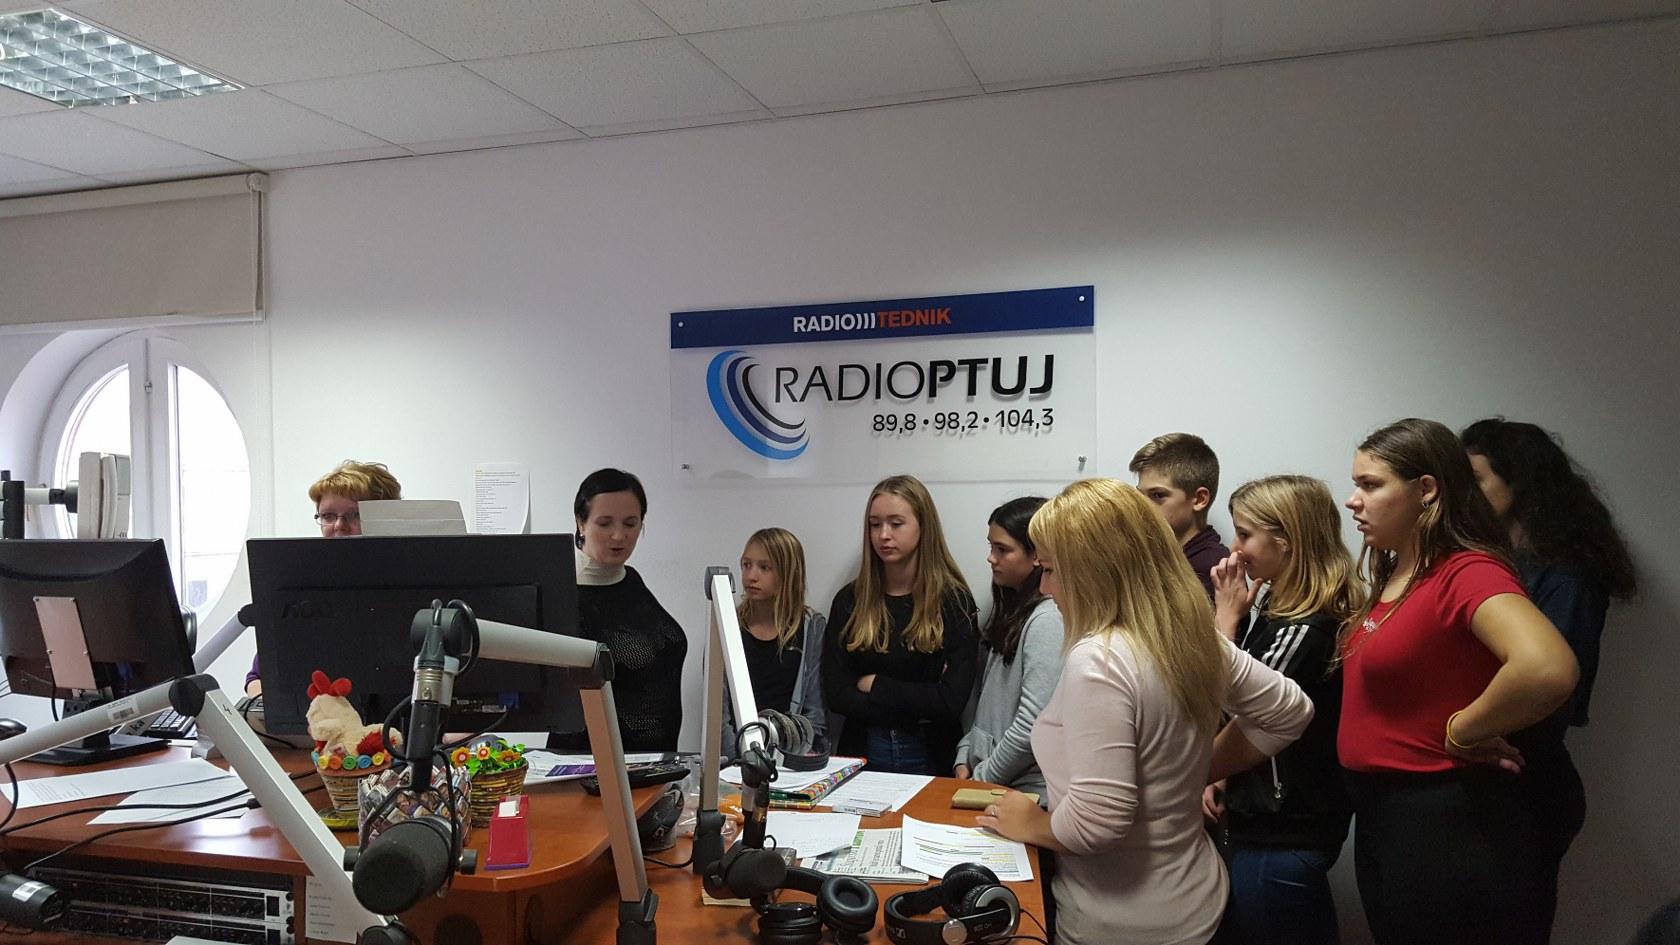 obisk-radia-tednik-ptuj-novinar-7_1680x945